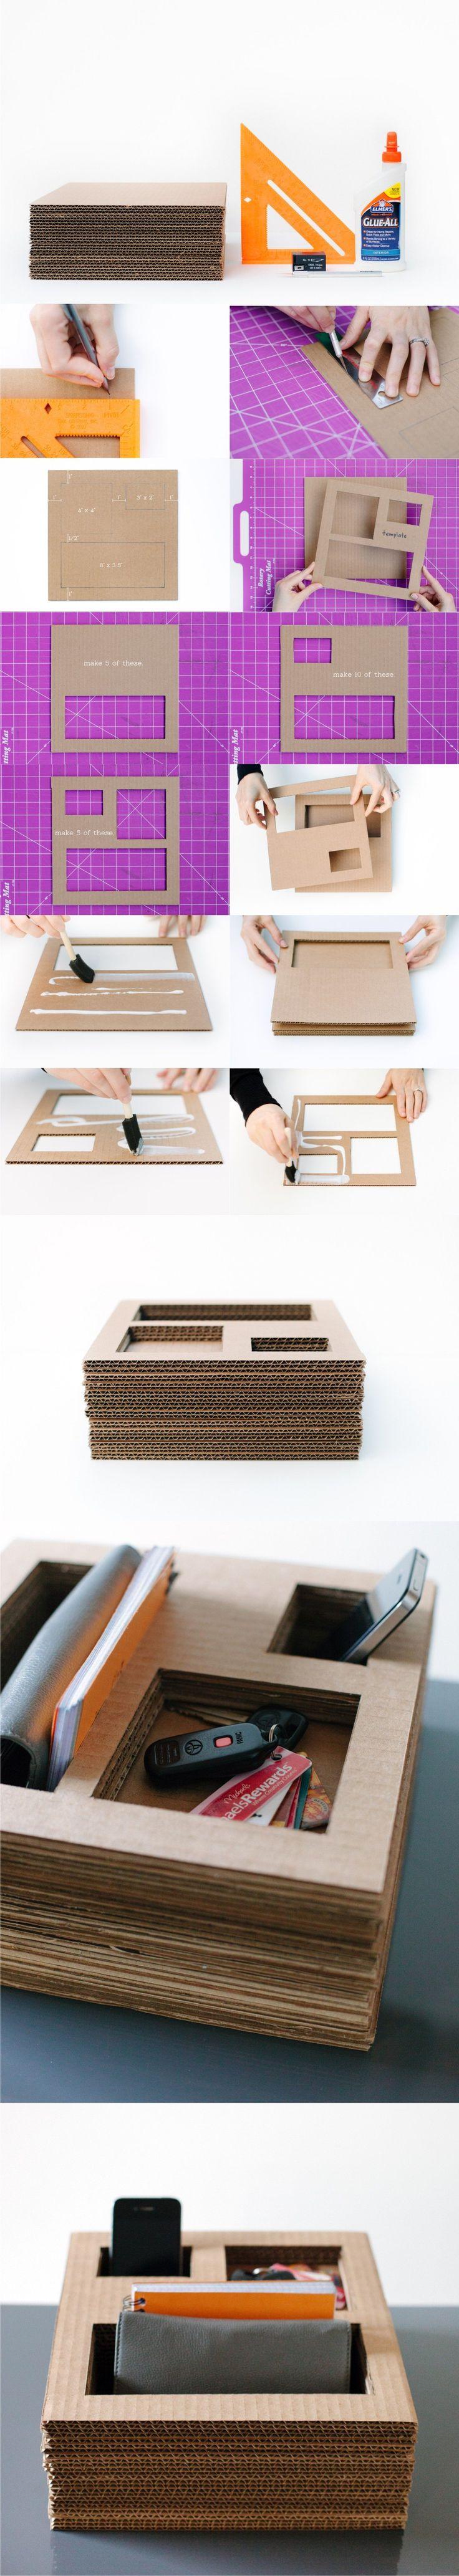 Organizador escritorio DIY reciclar cartón - designformankind.com - DIY Recicled cardboard desktop organizer